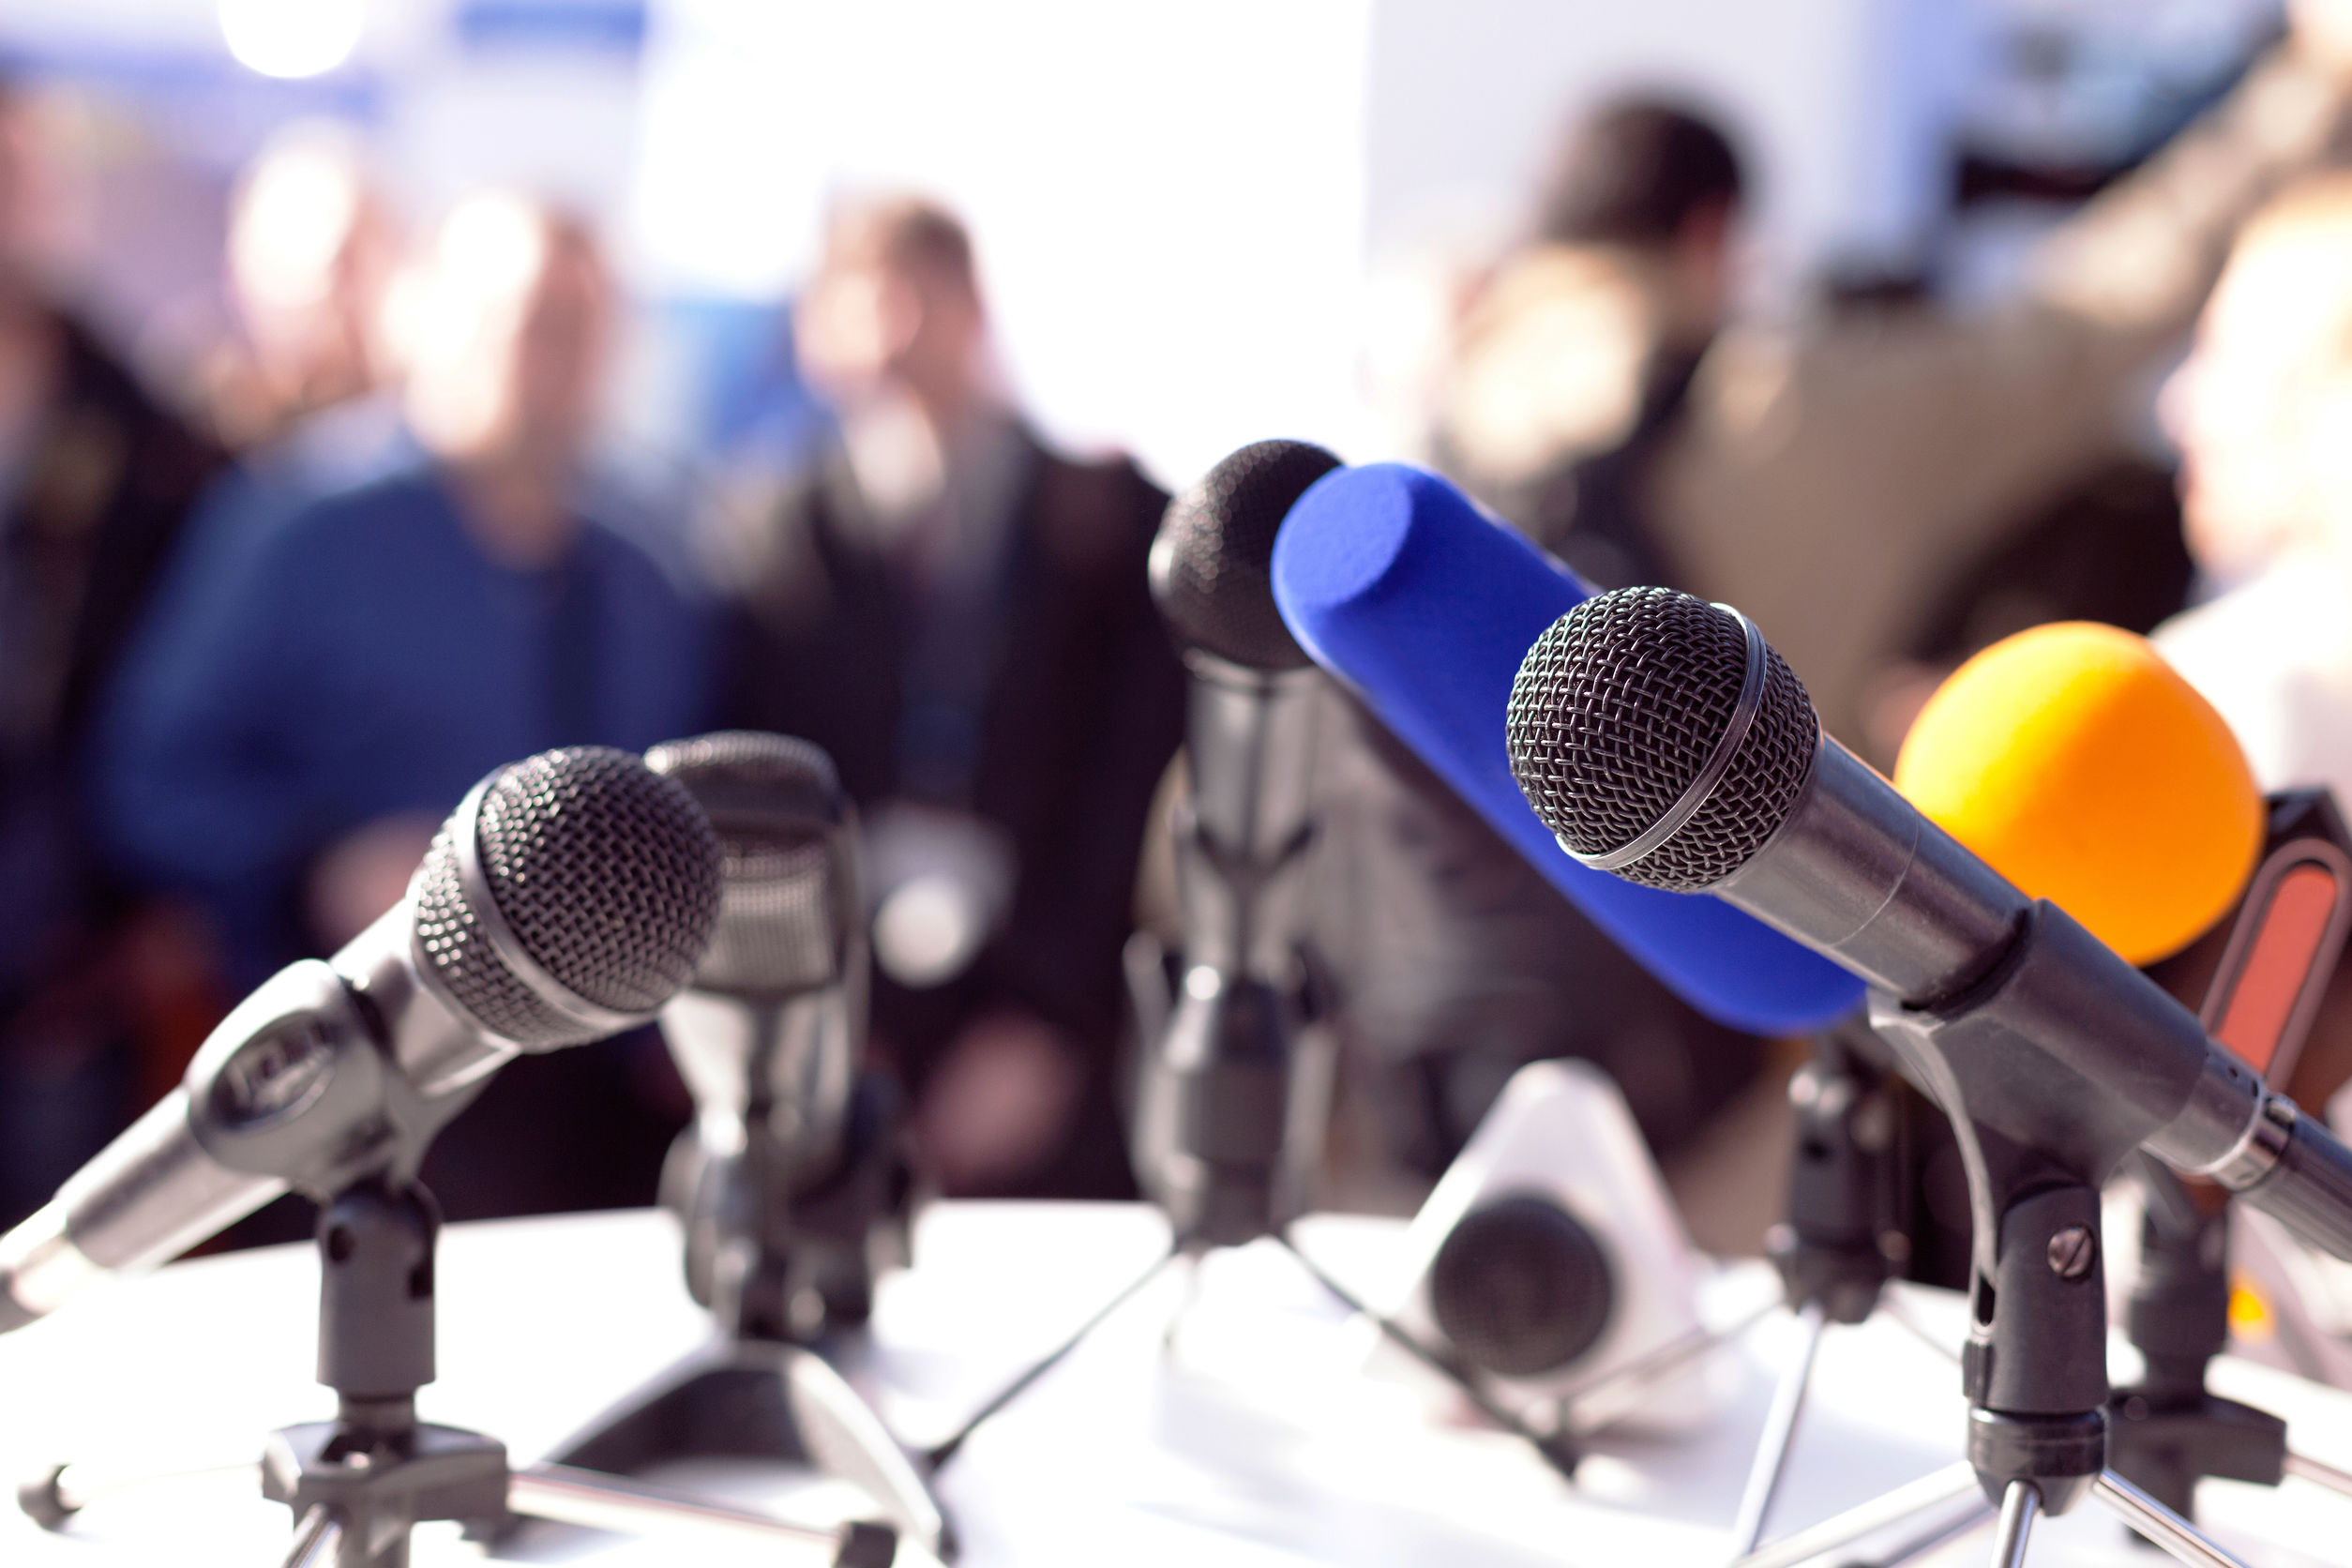 Microfone sem fio: Qual é o melhor de 2021?